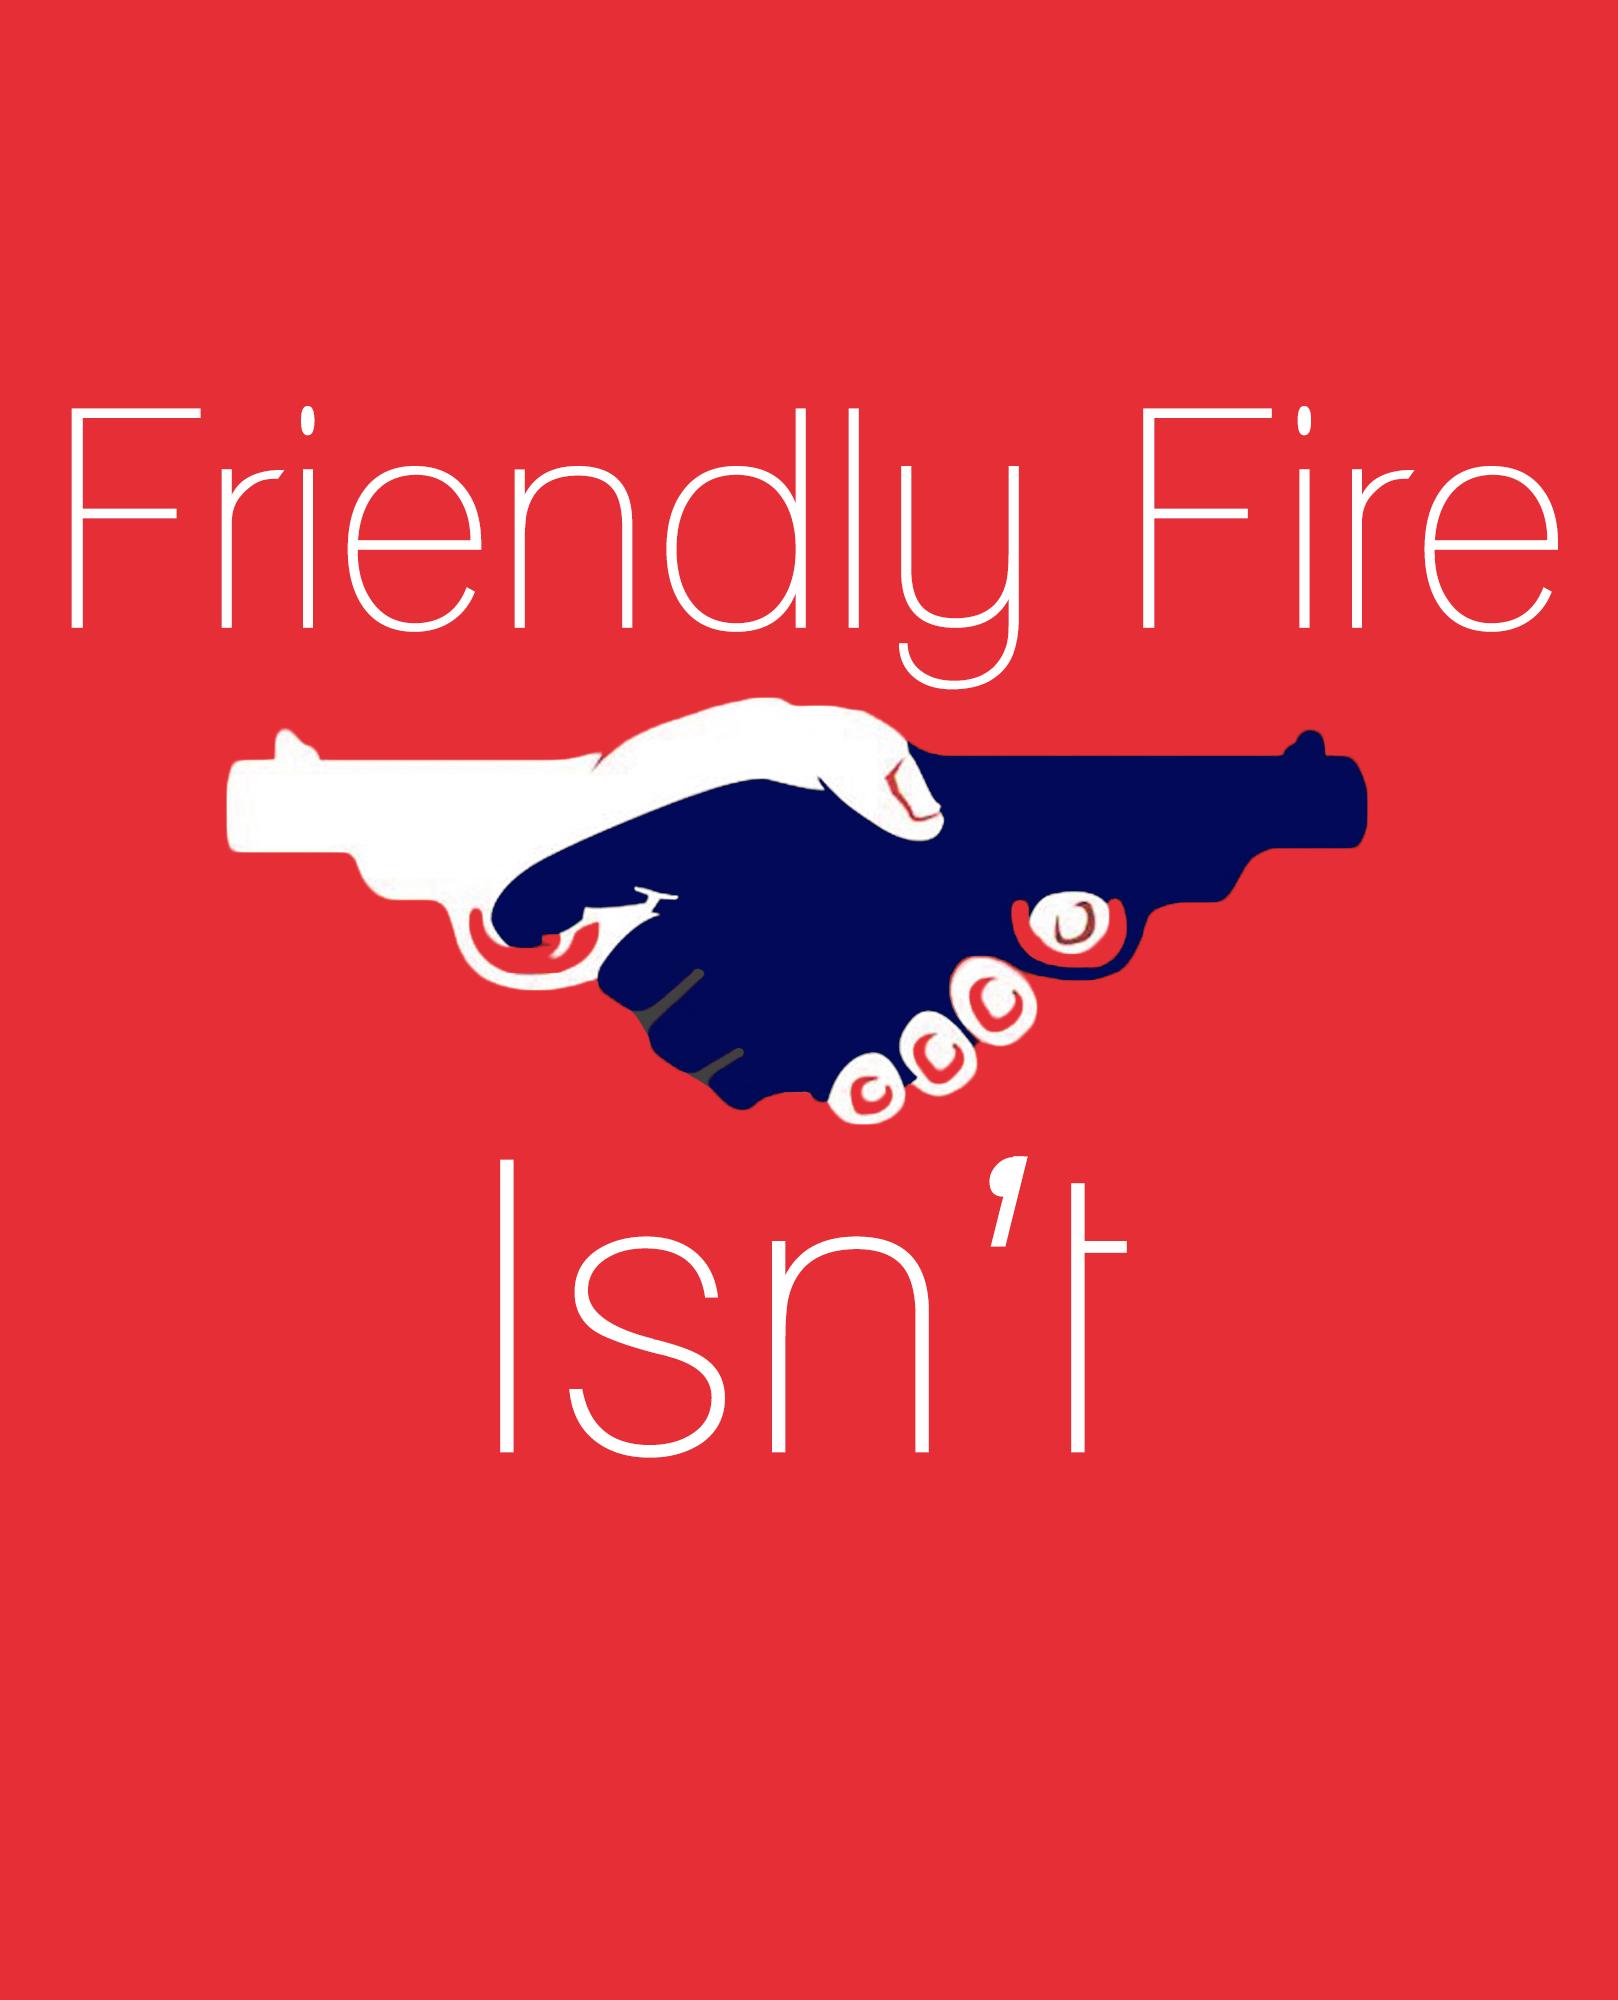 """""""Friendly fire isn't"""" Murphy's laws [1618x2000] [OC"""